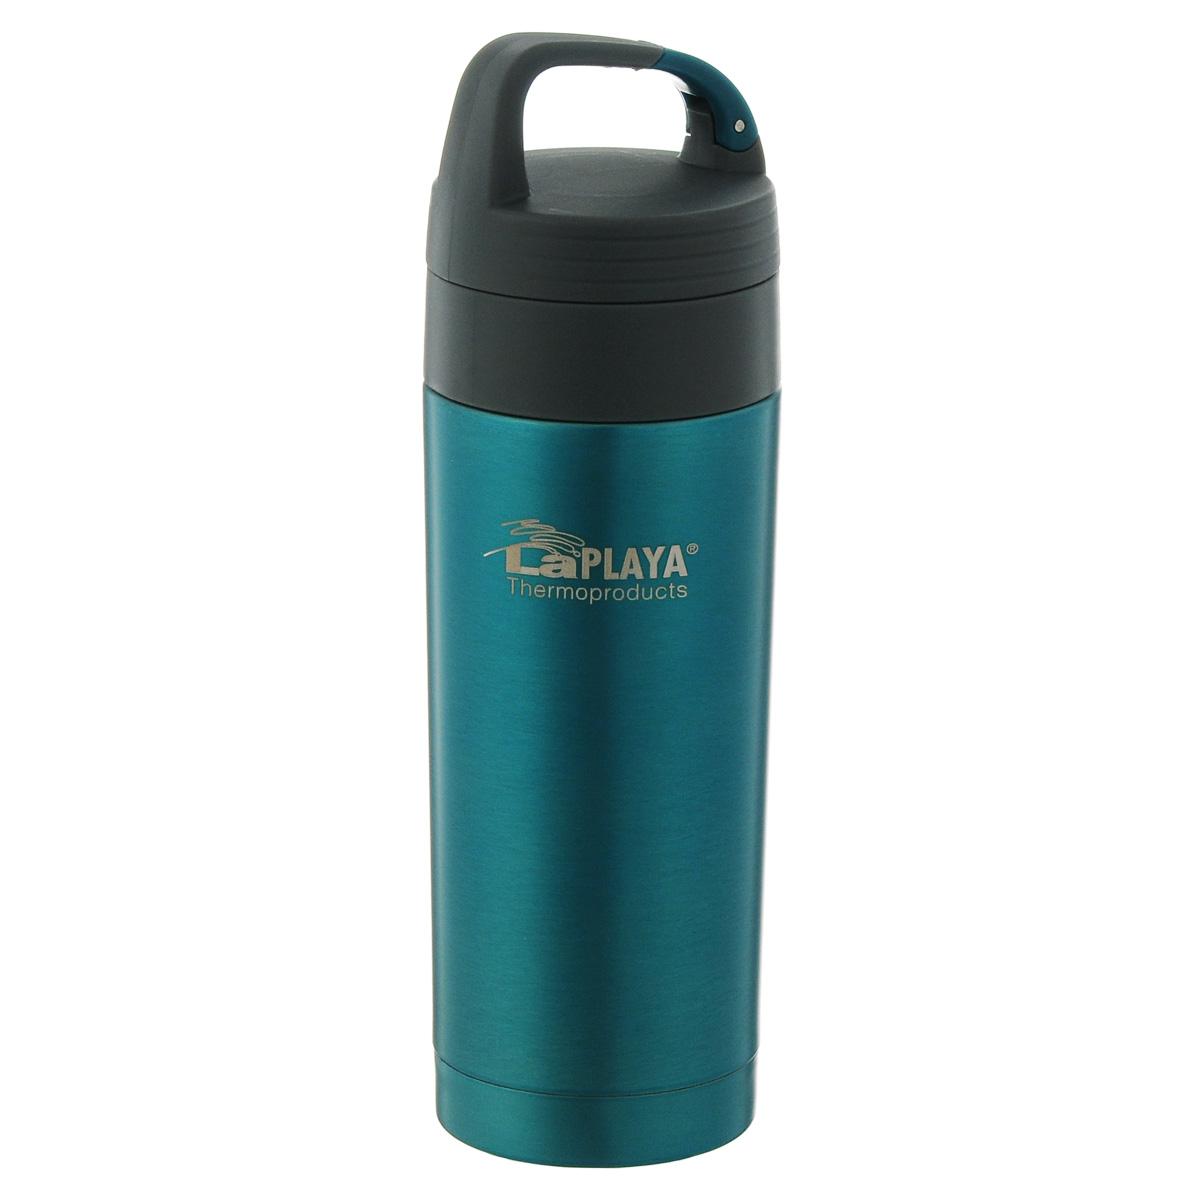 Кружка-термос LaPlaya Carabiner, цвет: голубой, 350 мл560086Кружка-термос LaPlaya Carabiner, изготовленная из высококачественной нержавеющей стали серии Carabiner, очень проста и удобна в использовании. Кружка-термос с двух стеночной вакуумной изоляцией, предназначена для хранения горячих и холодных напитков (чая, кофе), сохраняет их температуру до 6 часов горячими и до 12 часов холодными. Идеально подойдет для прохладительных напитков. Изделие оснащено герметичной и гигиеничной вакуумной крышкой с карабином. Термокружку удобно размещать в большинстве автомобильных держателей для стаканов. При открывании стопор предотвращает расплескивание напитков. Высота (с учетом крышки): 22 см. Диаметр горлышка: 5,5 см.